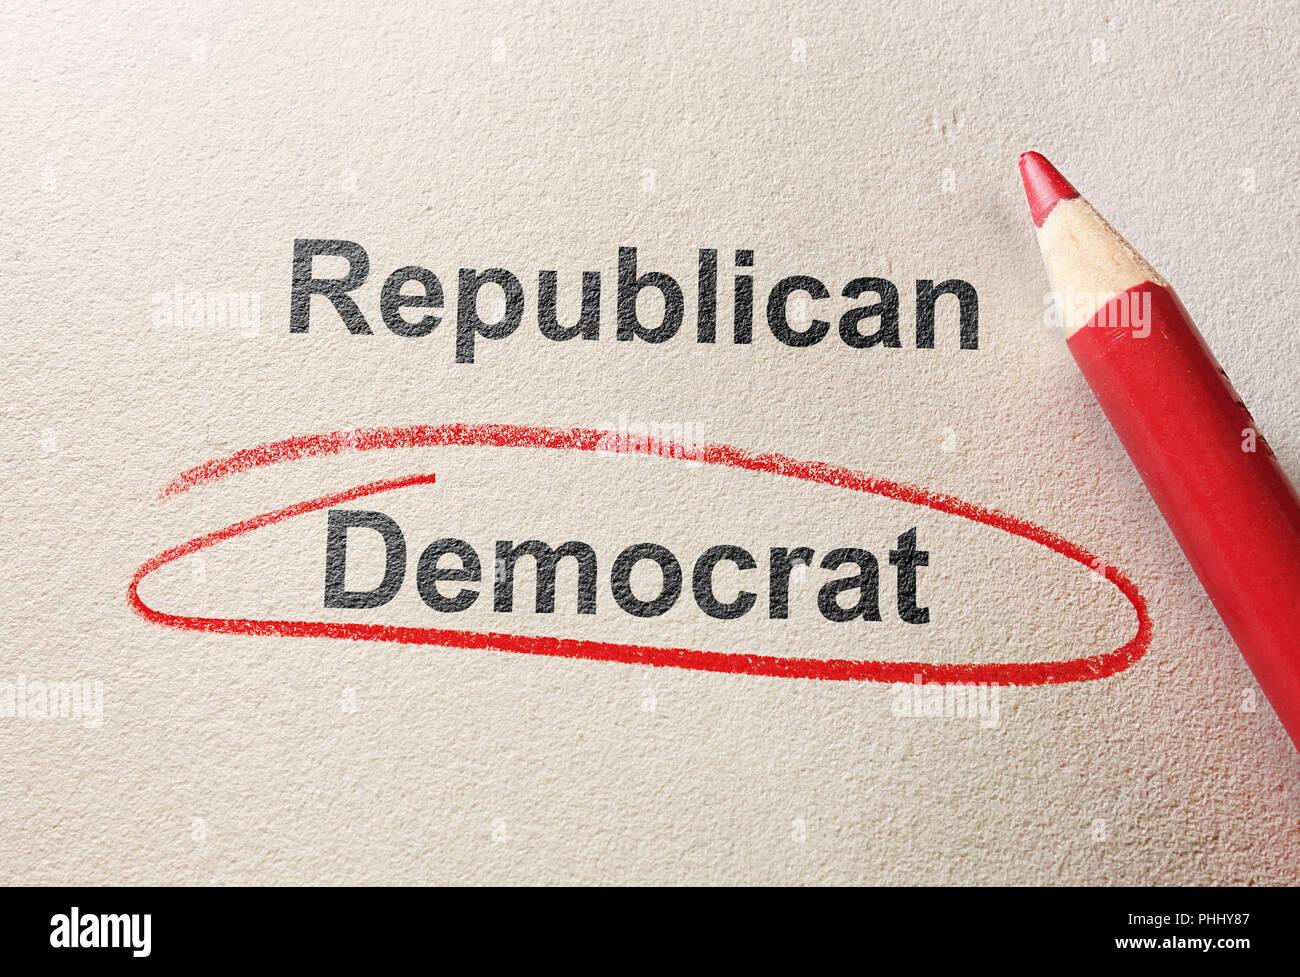 Red circle Democrat - Stock Image